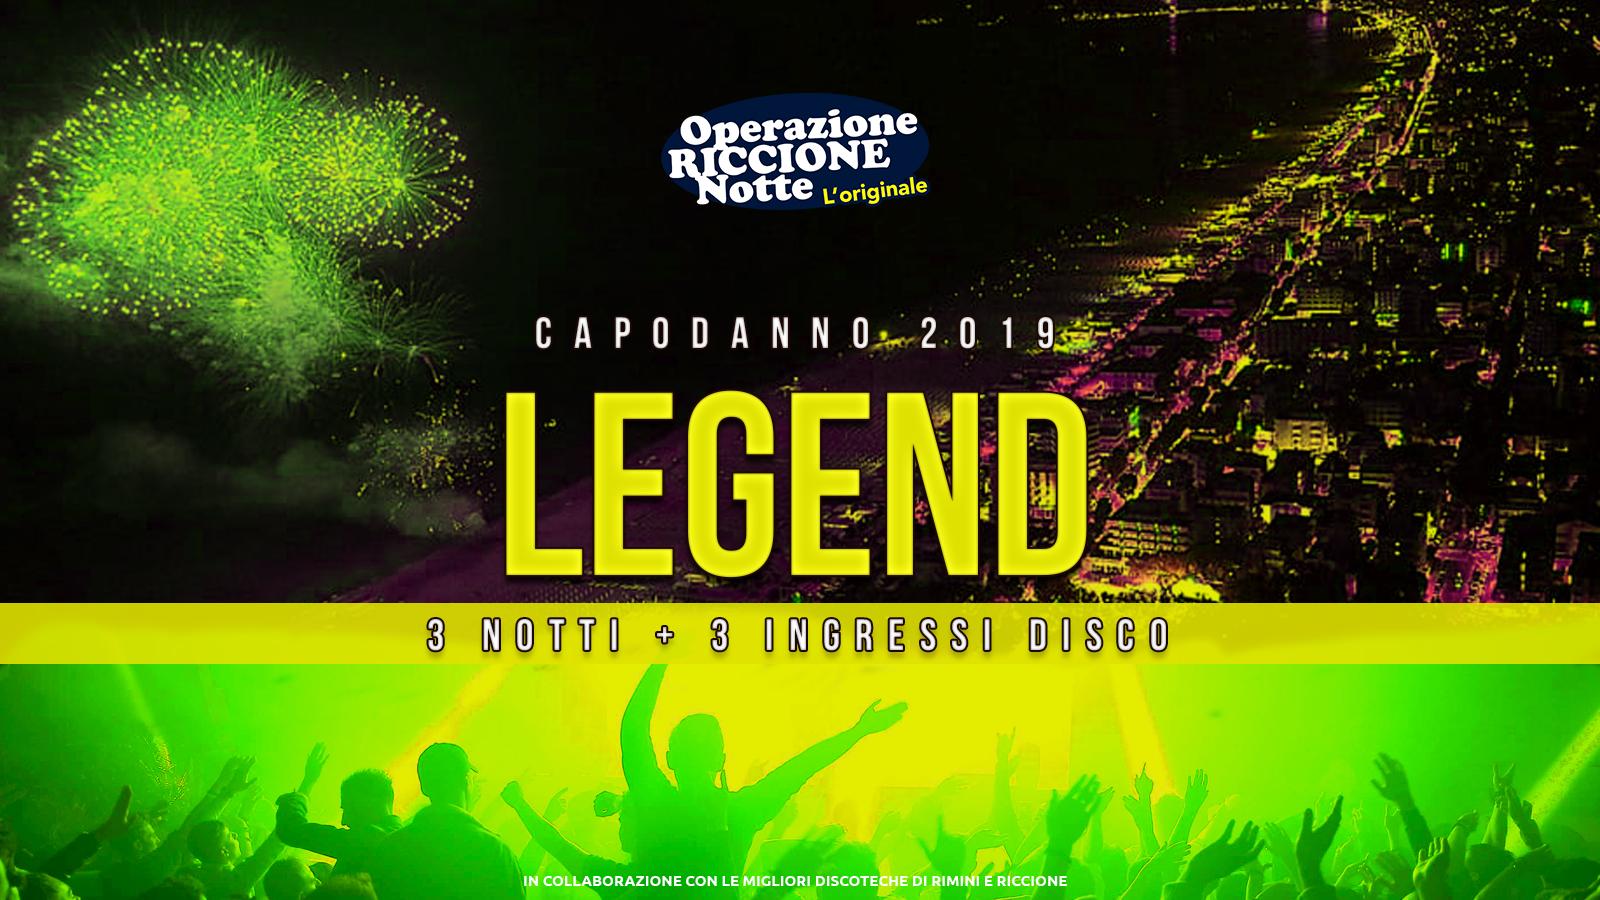 Capodanno 2019 Riccione Rimini Pacchetto Hotel + Discoteche Legend